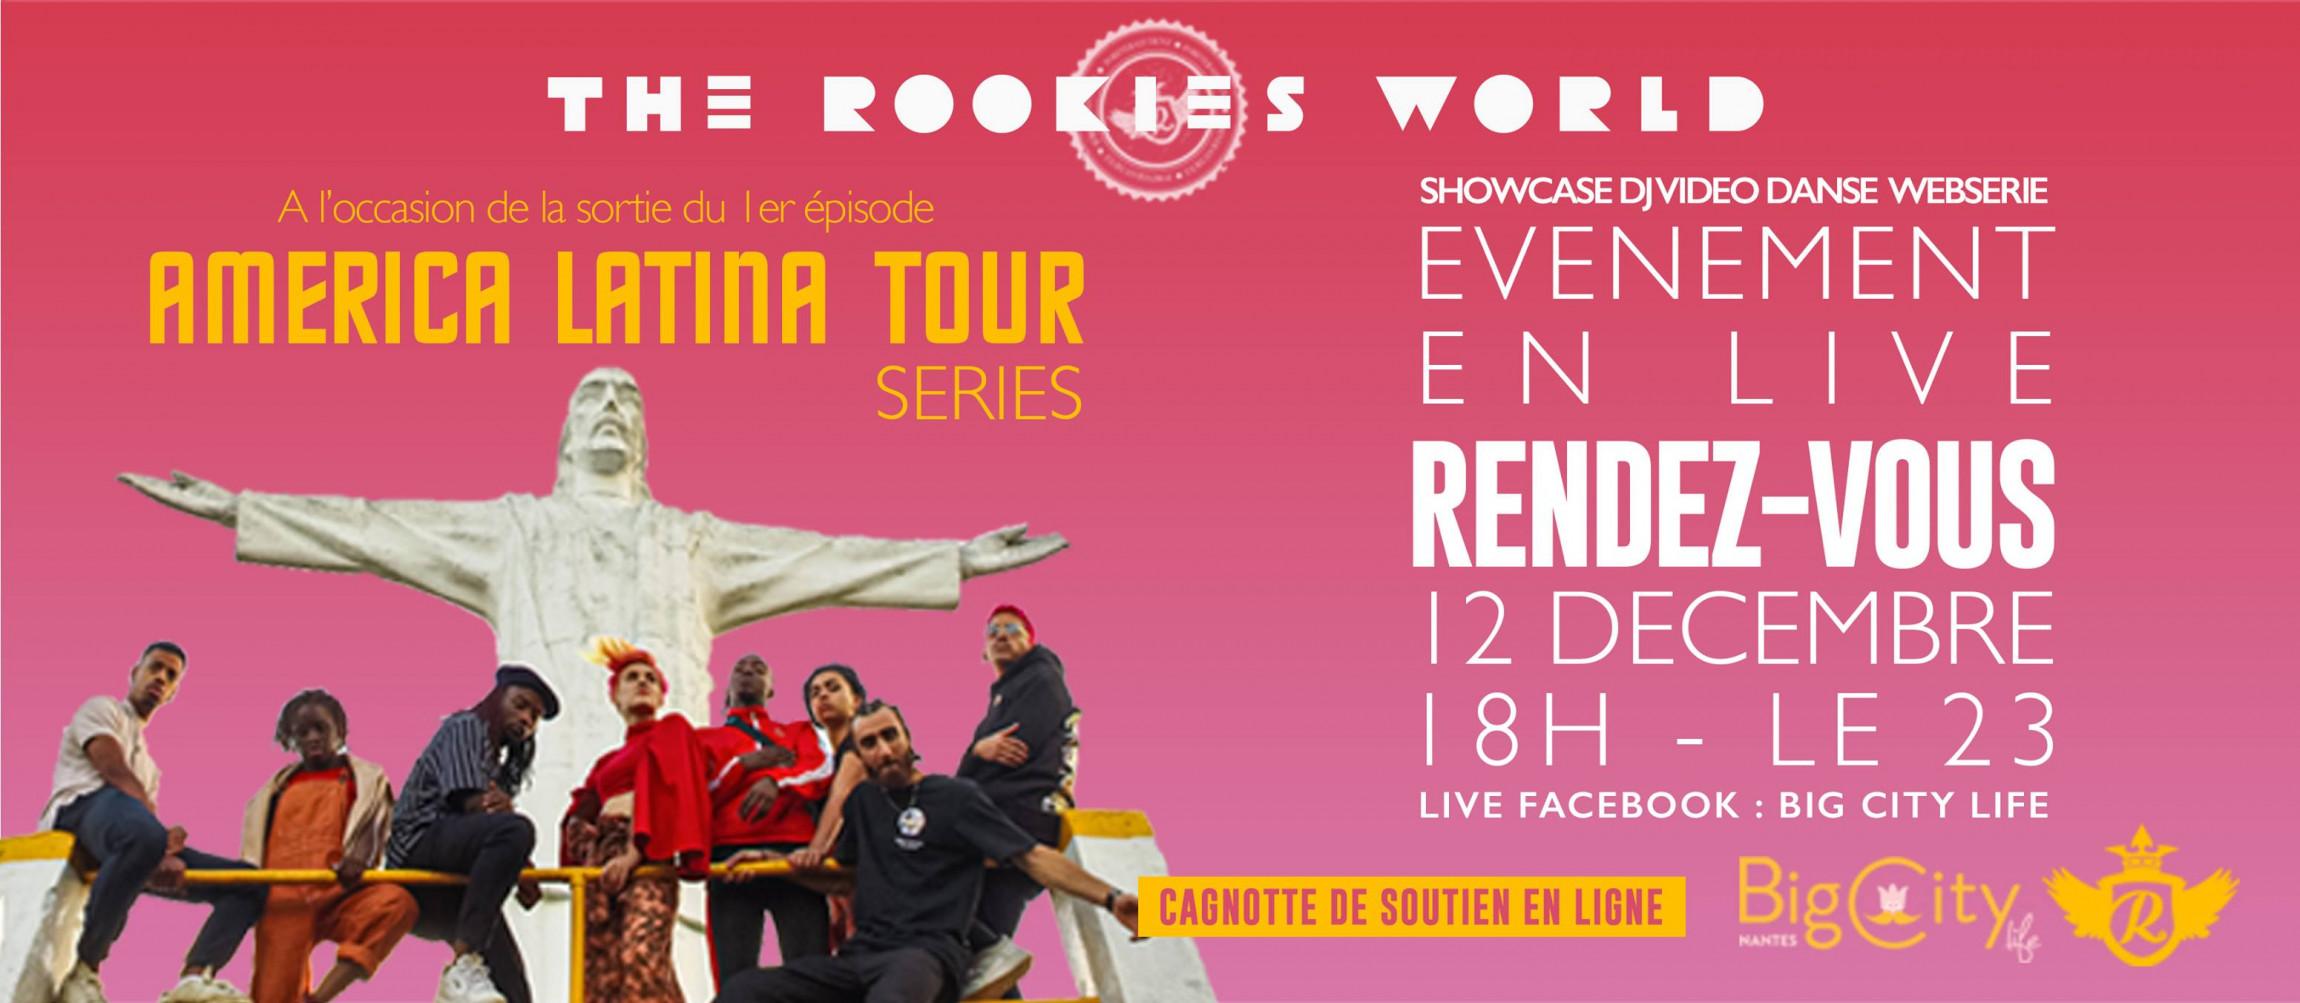 The Rookies World - Danse Hip-hop